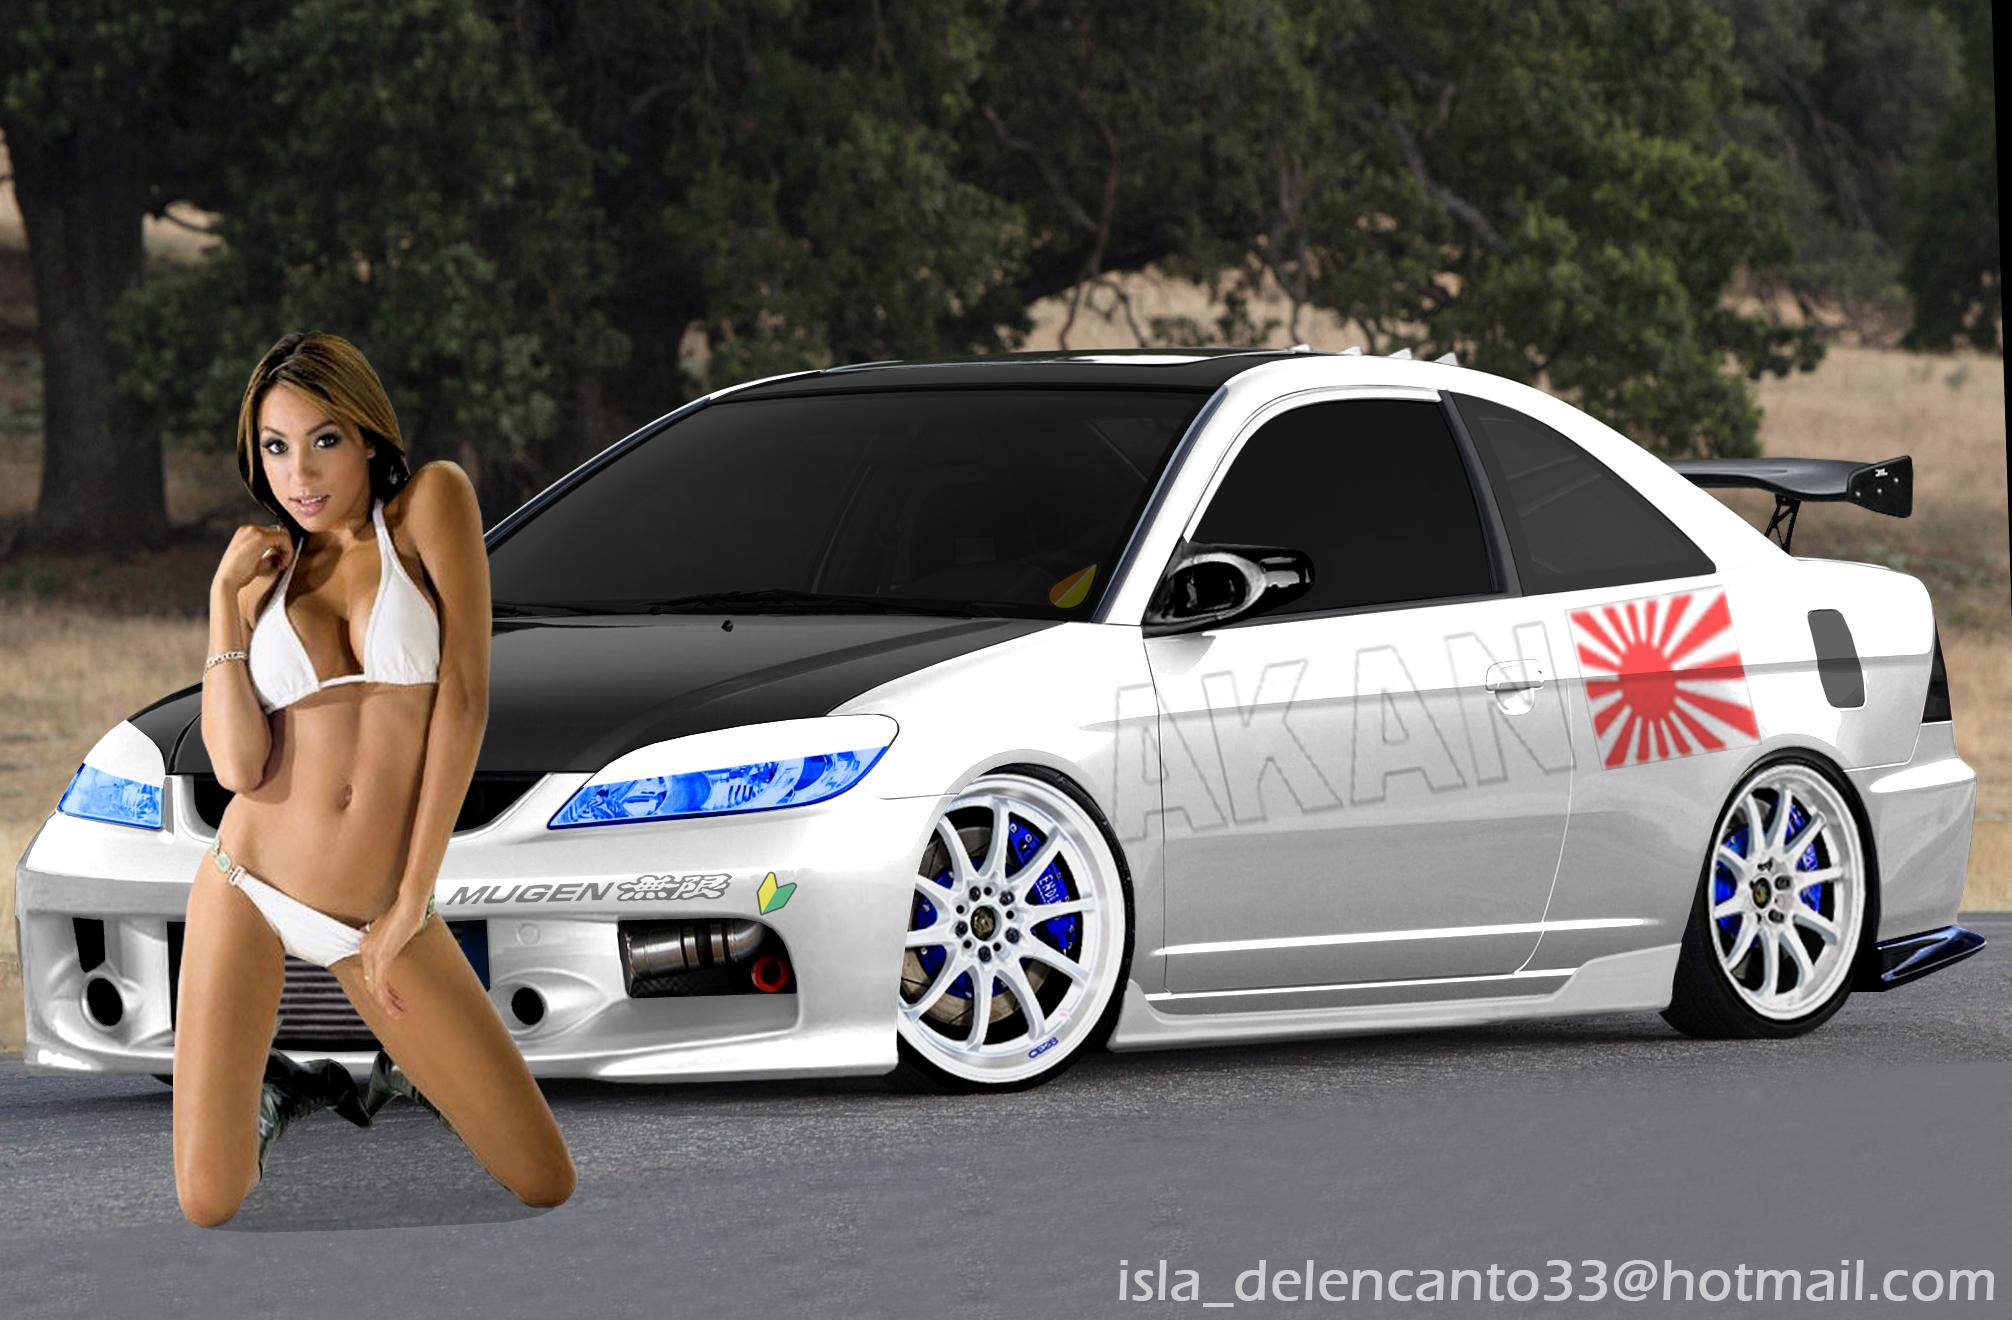 Honda Civic Coupe 17 VTEC Auto: Photos, Reviews, News, Specs, Buy car